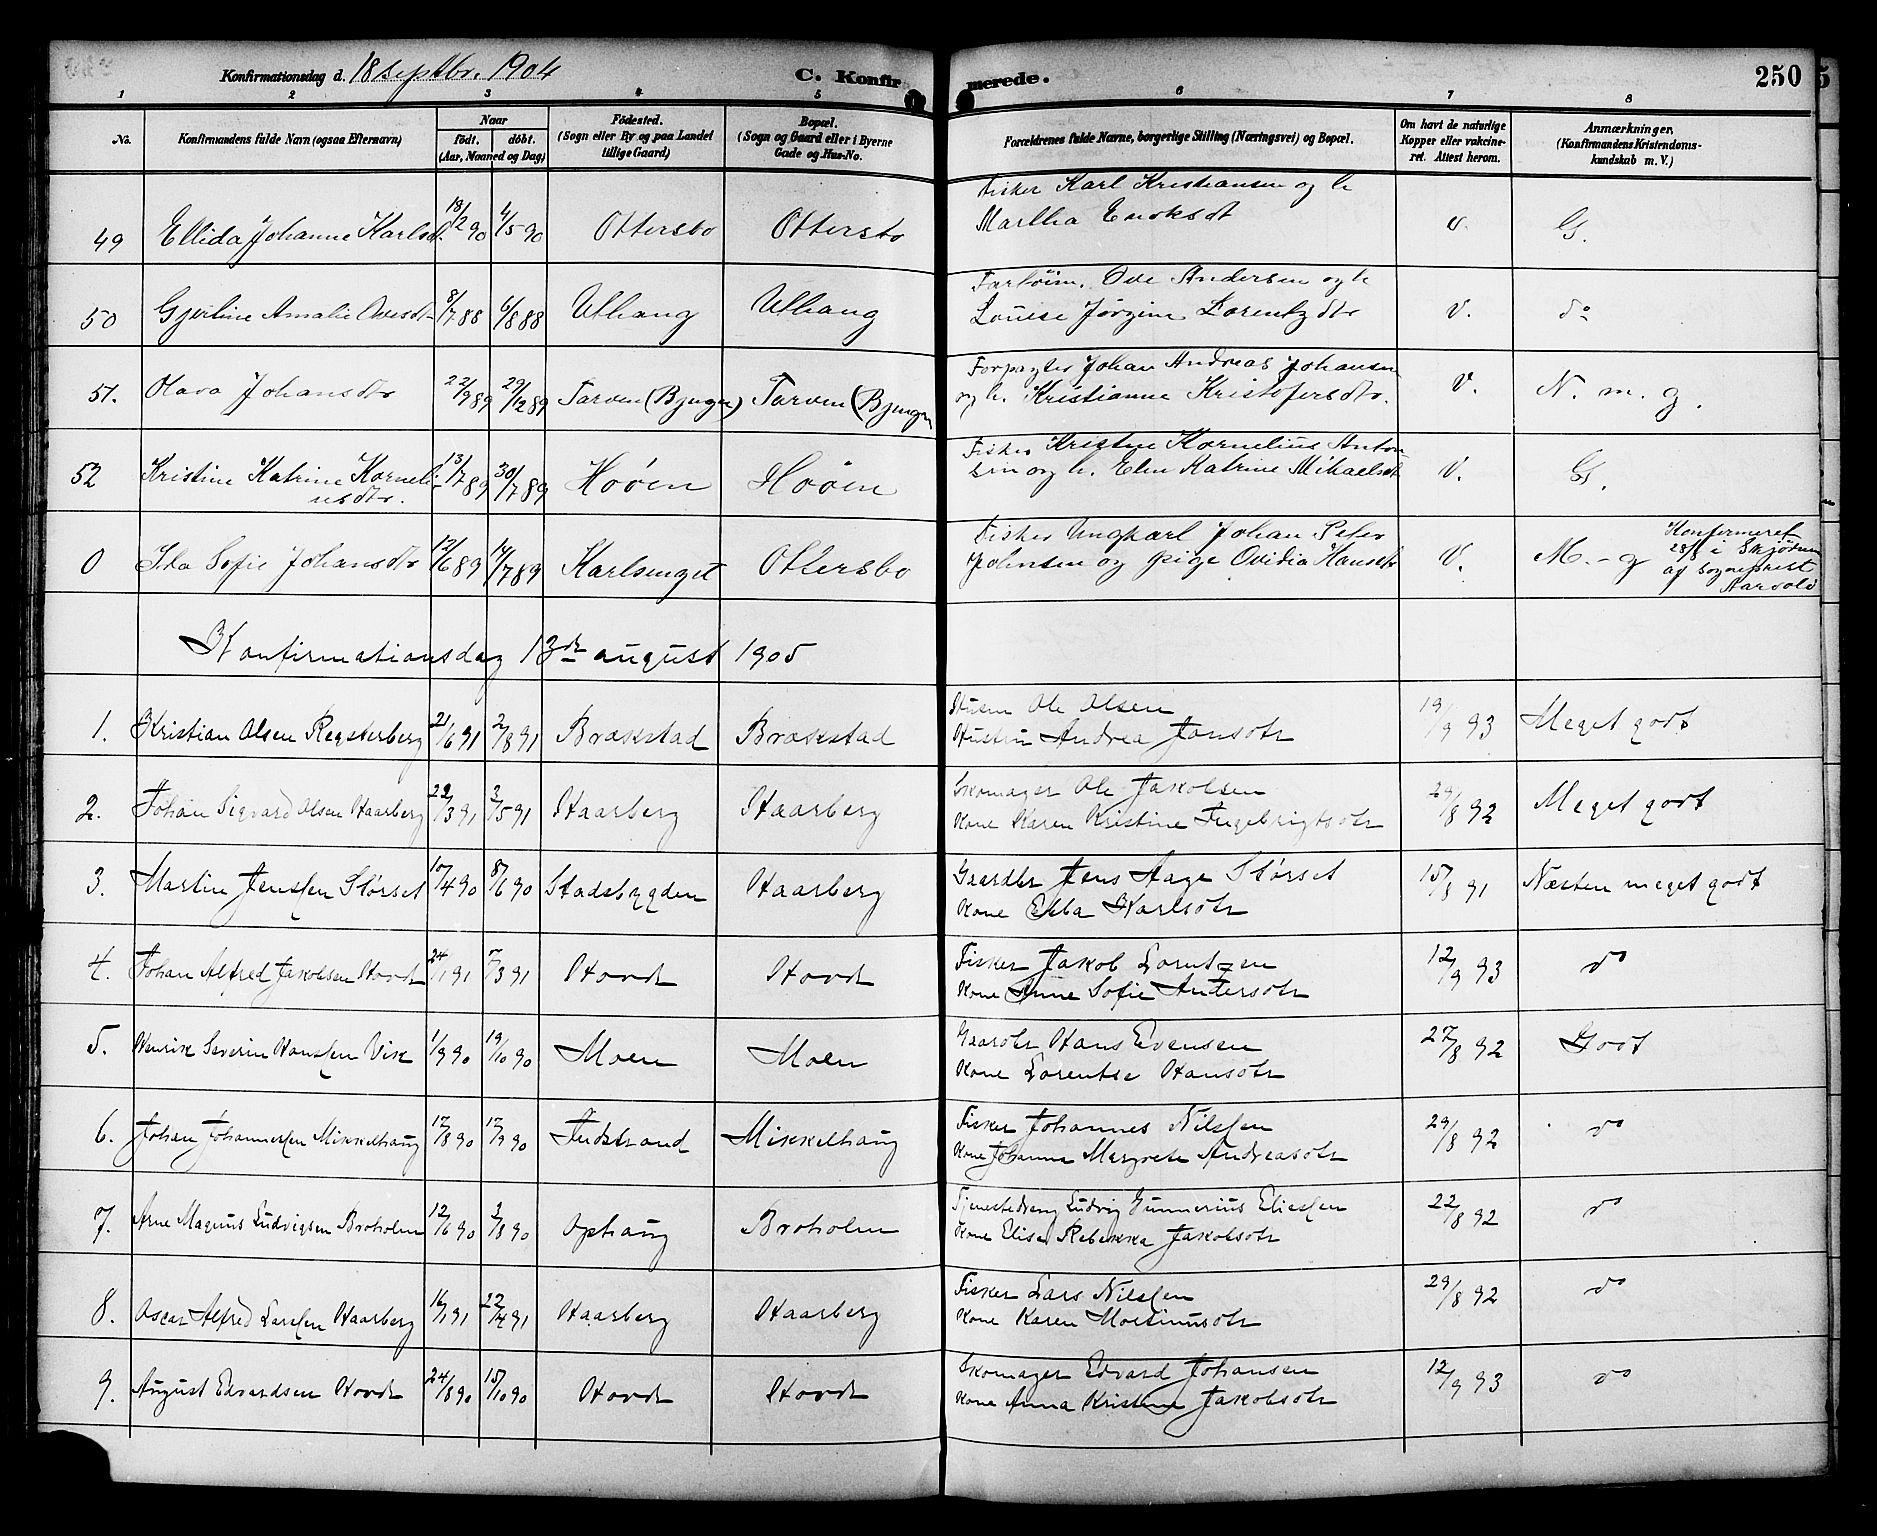 SAT, Ministerialprotokoller, klokkerbøker og fødselsregistre - Sør-Trøndelag, 659/L0746: Klokkerbok nr. 659C03, 1893-1912, s. 250